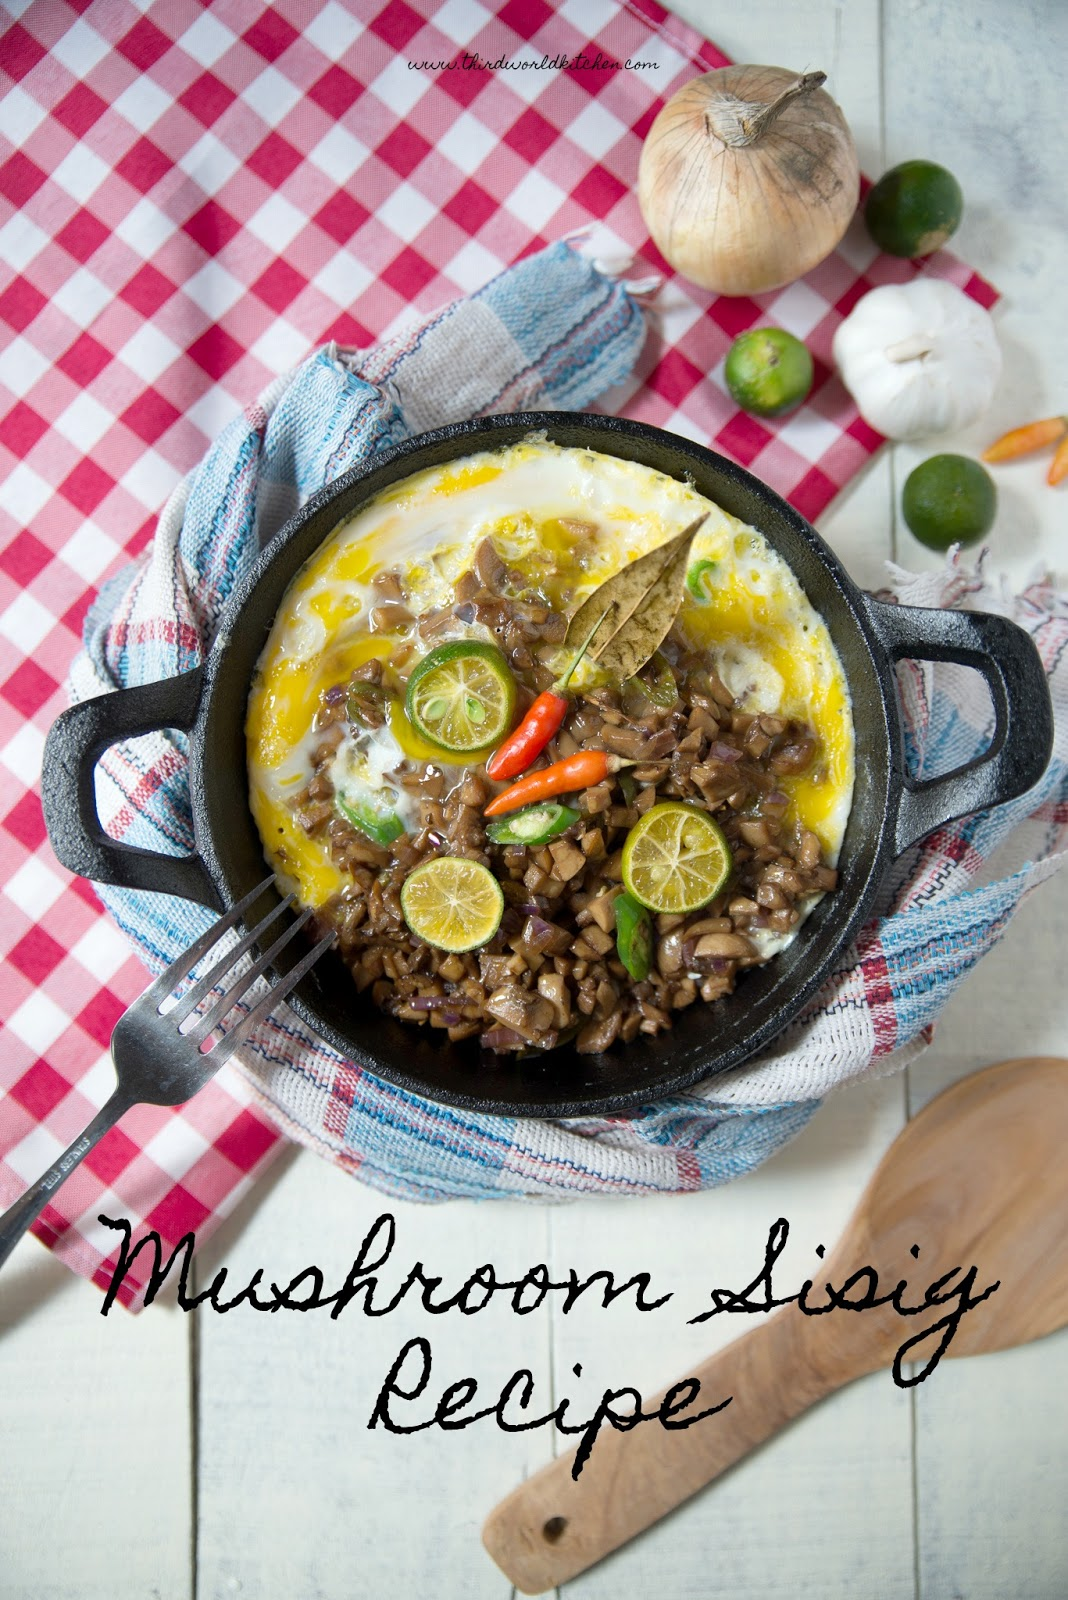 Mushroom Sisig Recipe - Mushroom Recipe